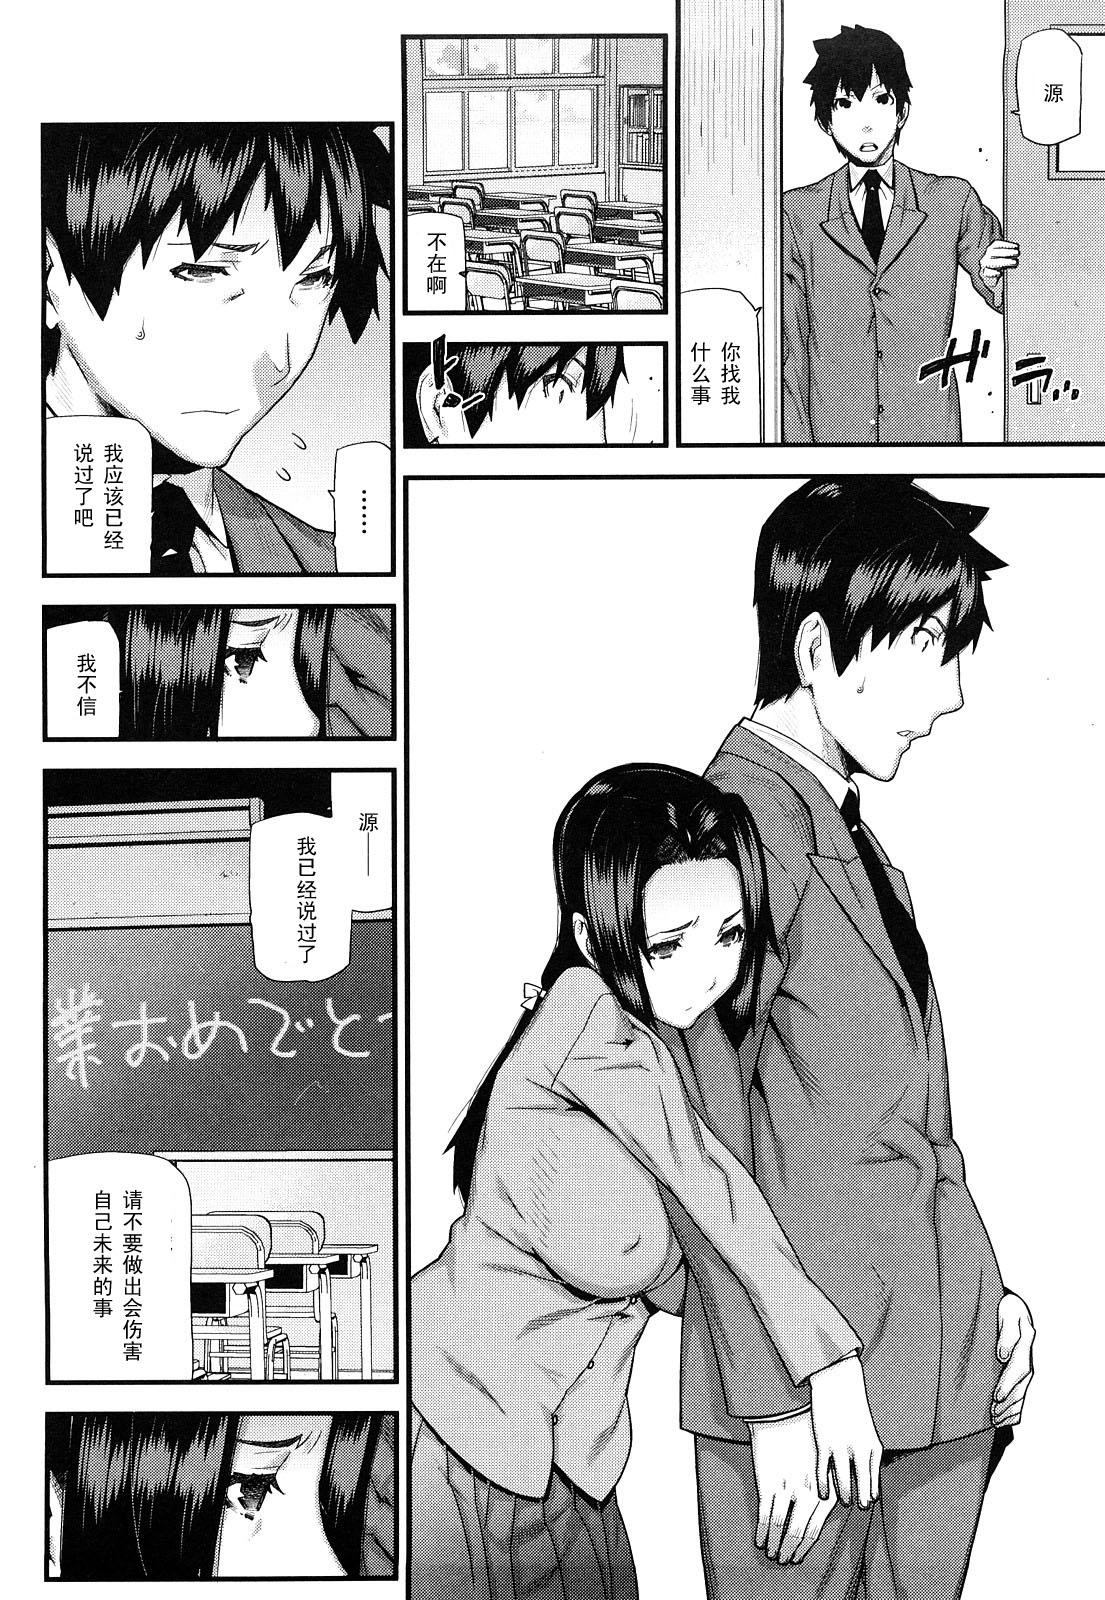 Akaneiro no Yuuhi 1